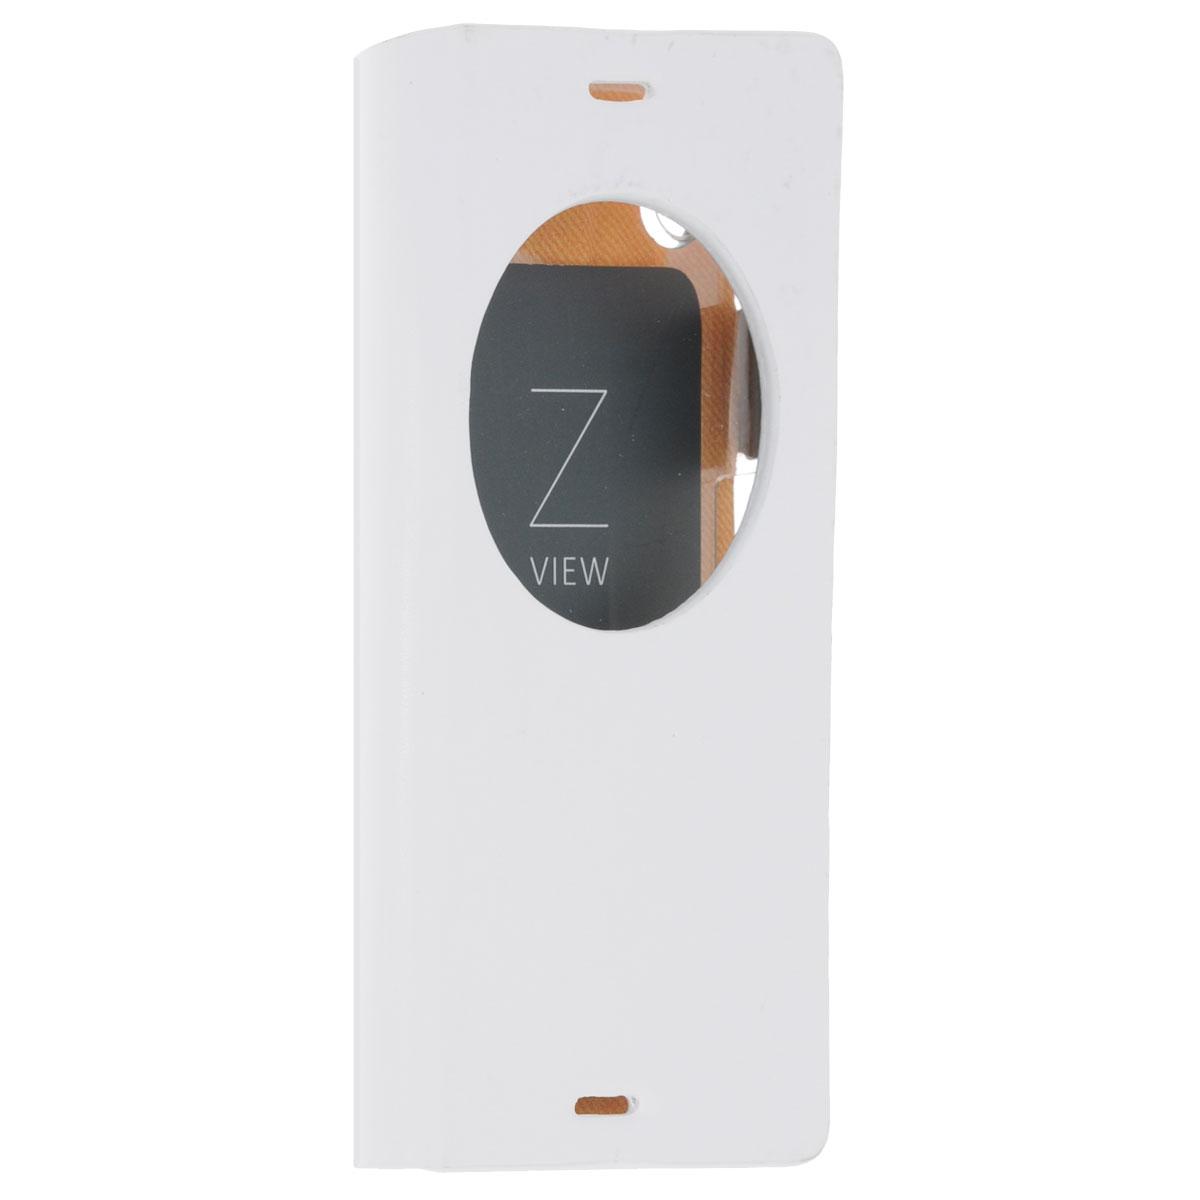 Avoc Z-View Toscana Diary чехол для Sony Xperia Z3, WhiteAA400340Avoc Z-View Toscana Diary для Sony Xperia Z3 - стильный аксессуар, который защитит ваше мобильное устройство от внешних воздействий, грязи, пыли, брызг. Чехол также поможет при ударах и падениях, смягчая удары, не позволяя образовываться на корпусе царапинам и потертостям. Обеспечивает свободный доступ ко всем разъемам и клавишам устройства.